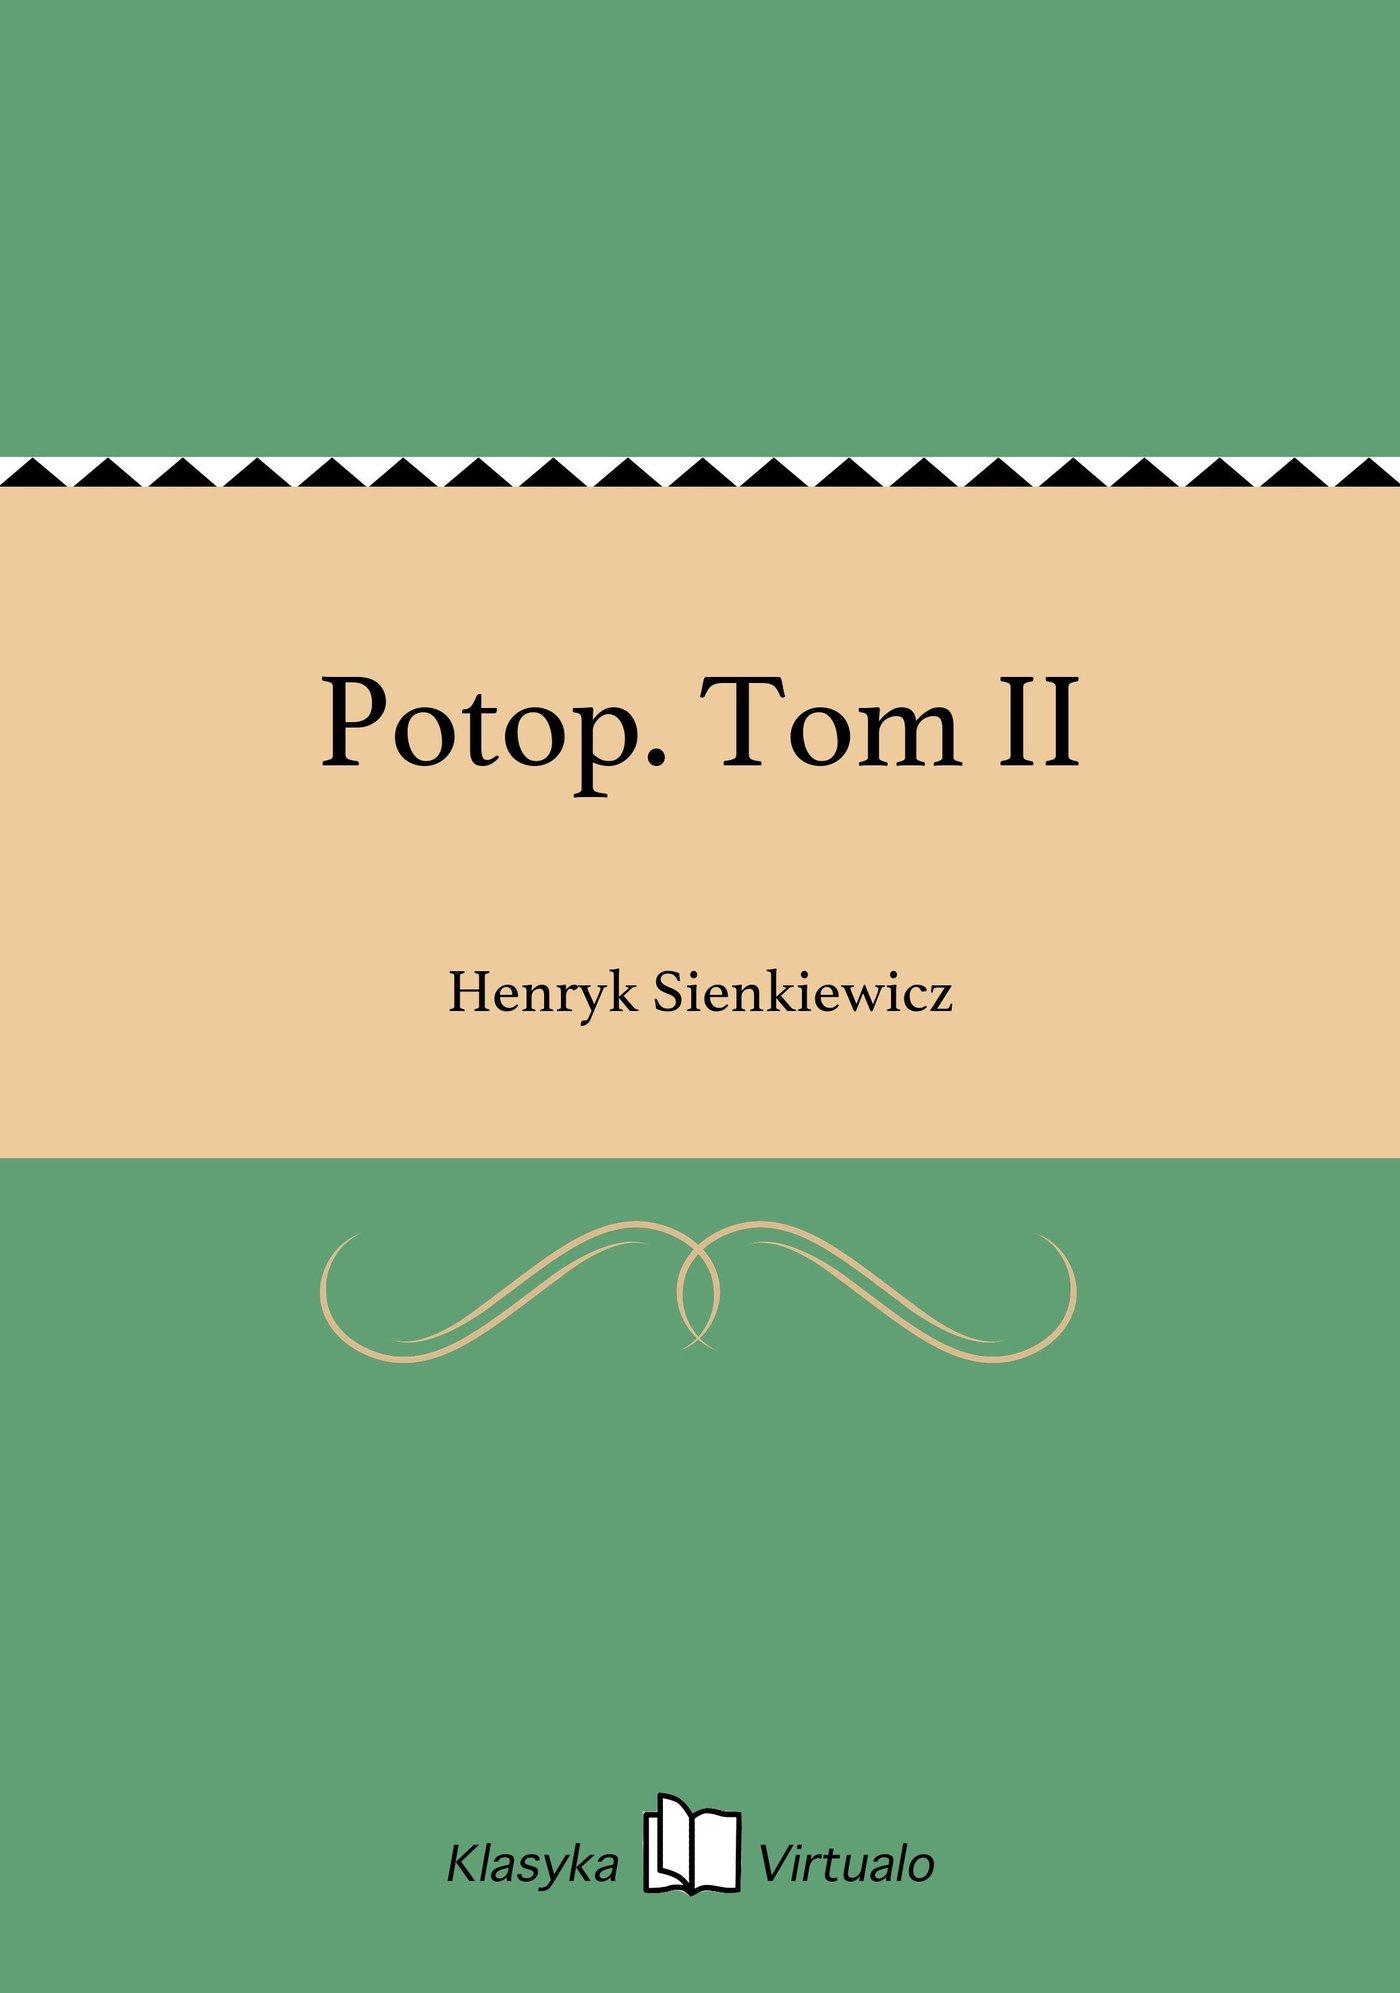 Potop. Tom II - Ebook (Książka EPUB) do pobrania w formacie EPUB